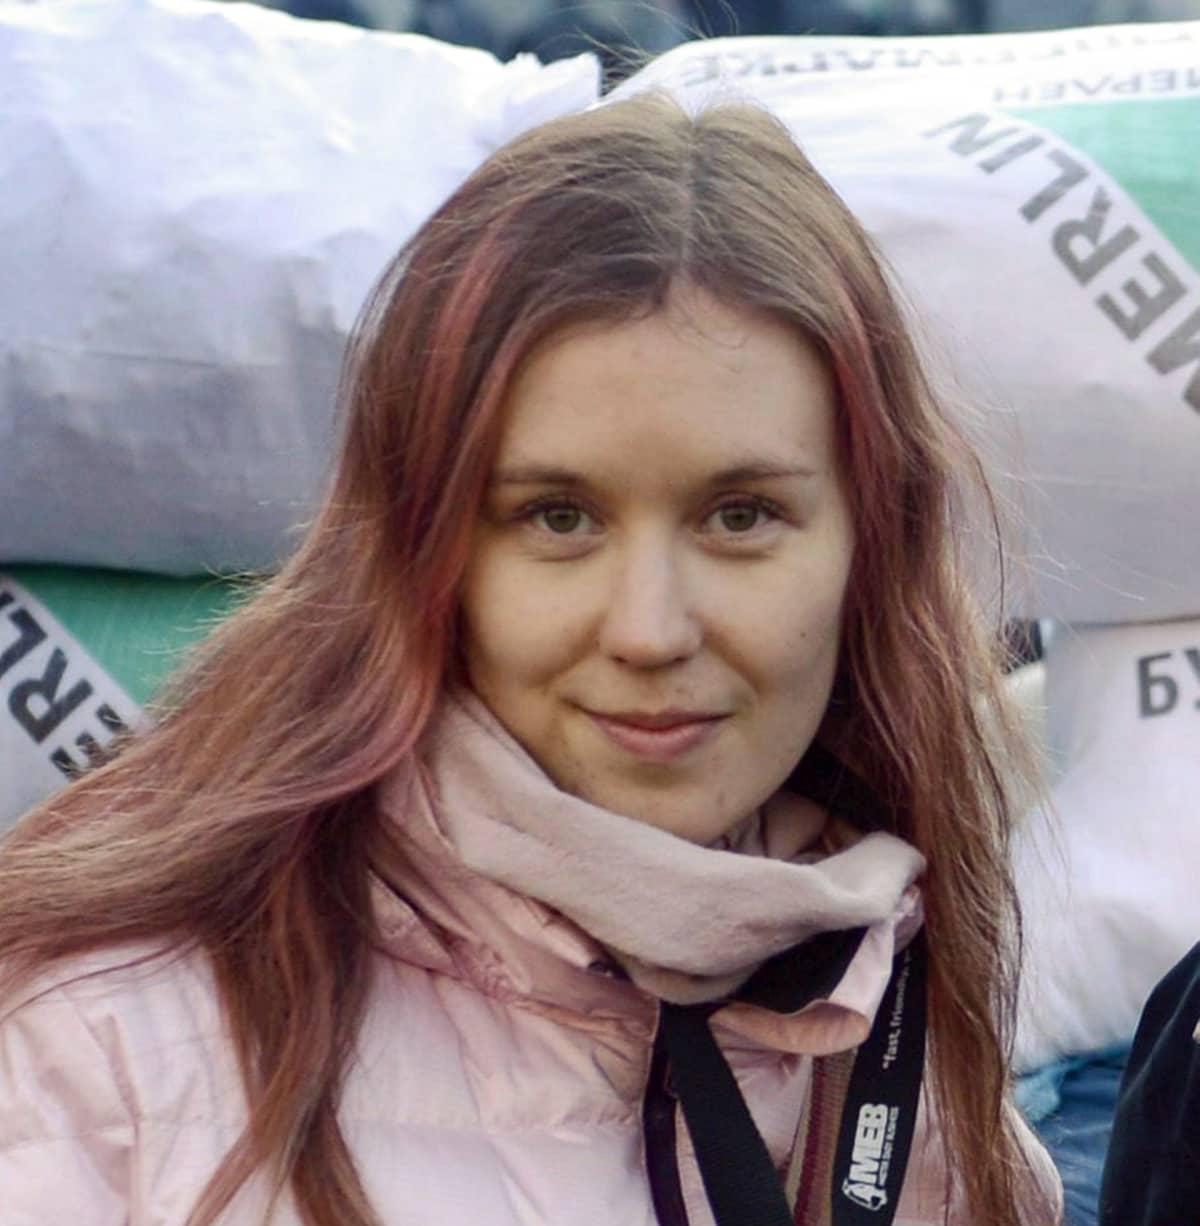 STT-Lehtikuvan toimittaja Maria Annala Kiovan mielenosoituksissa Ukrainassa 24. tammikuuta 2014.